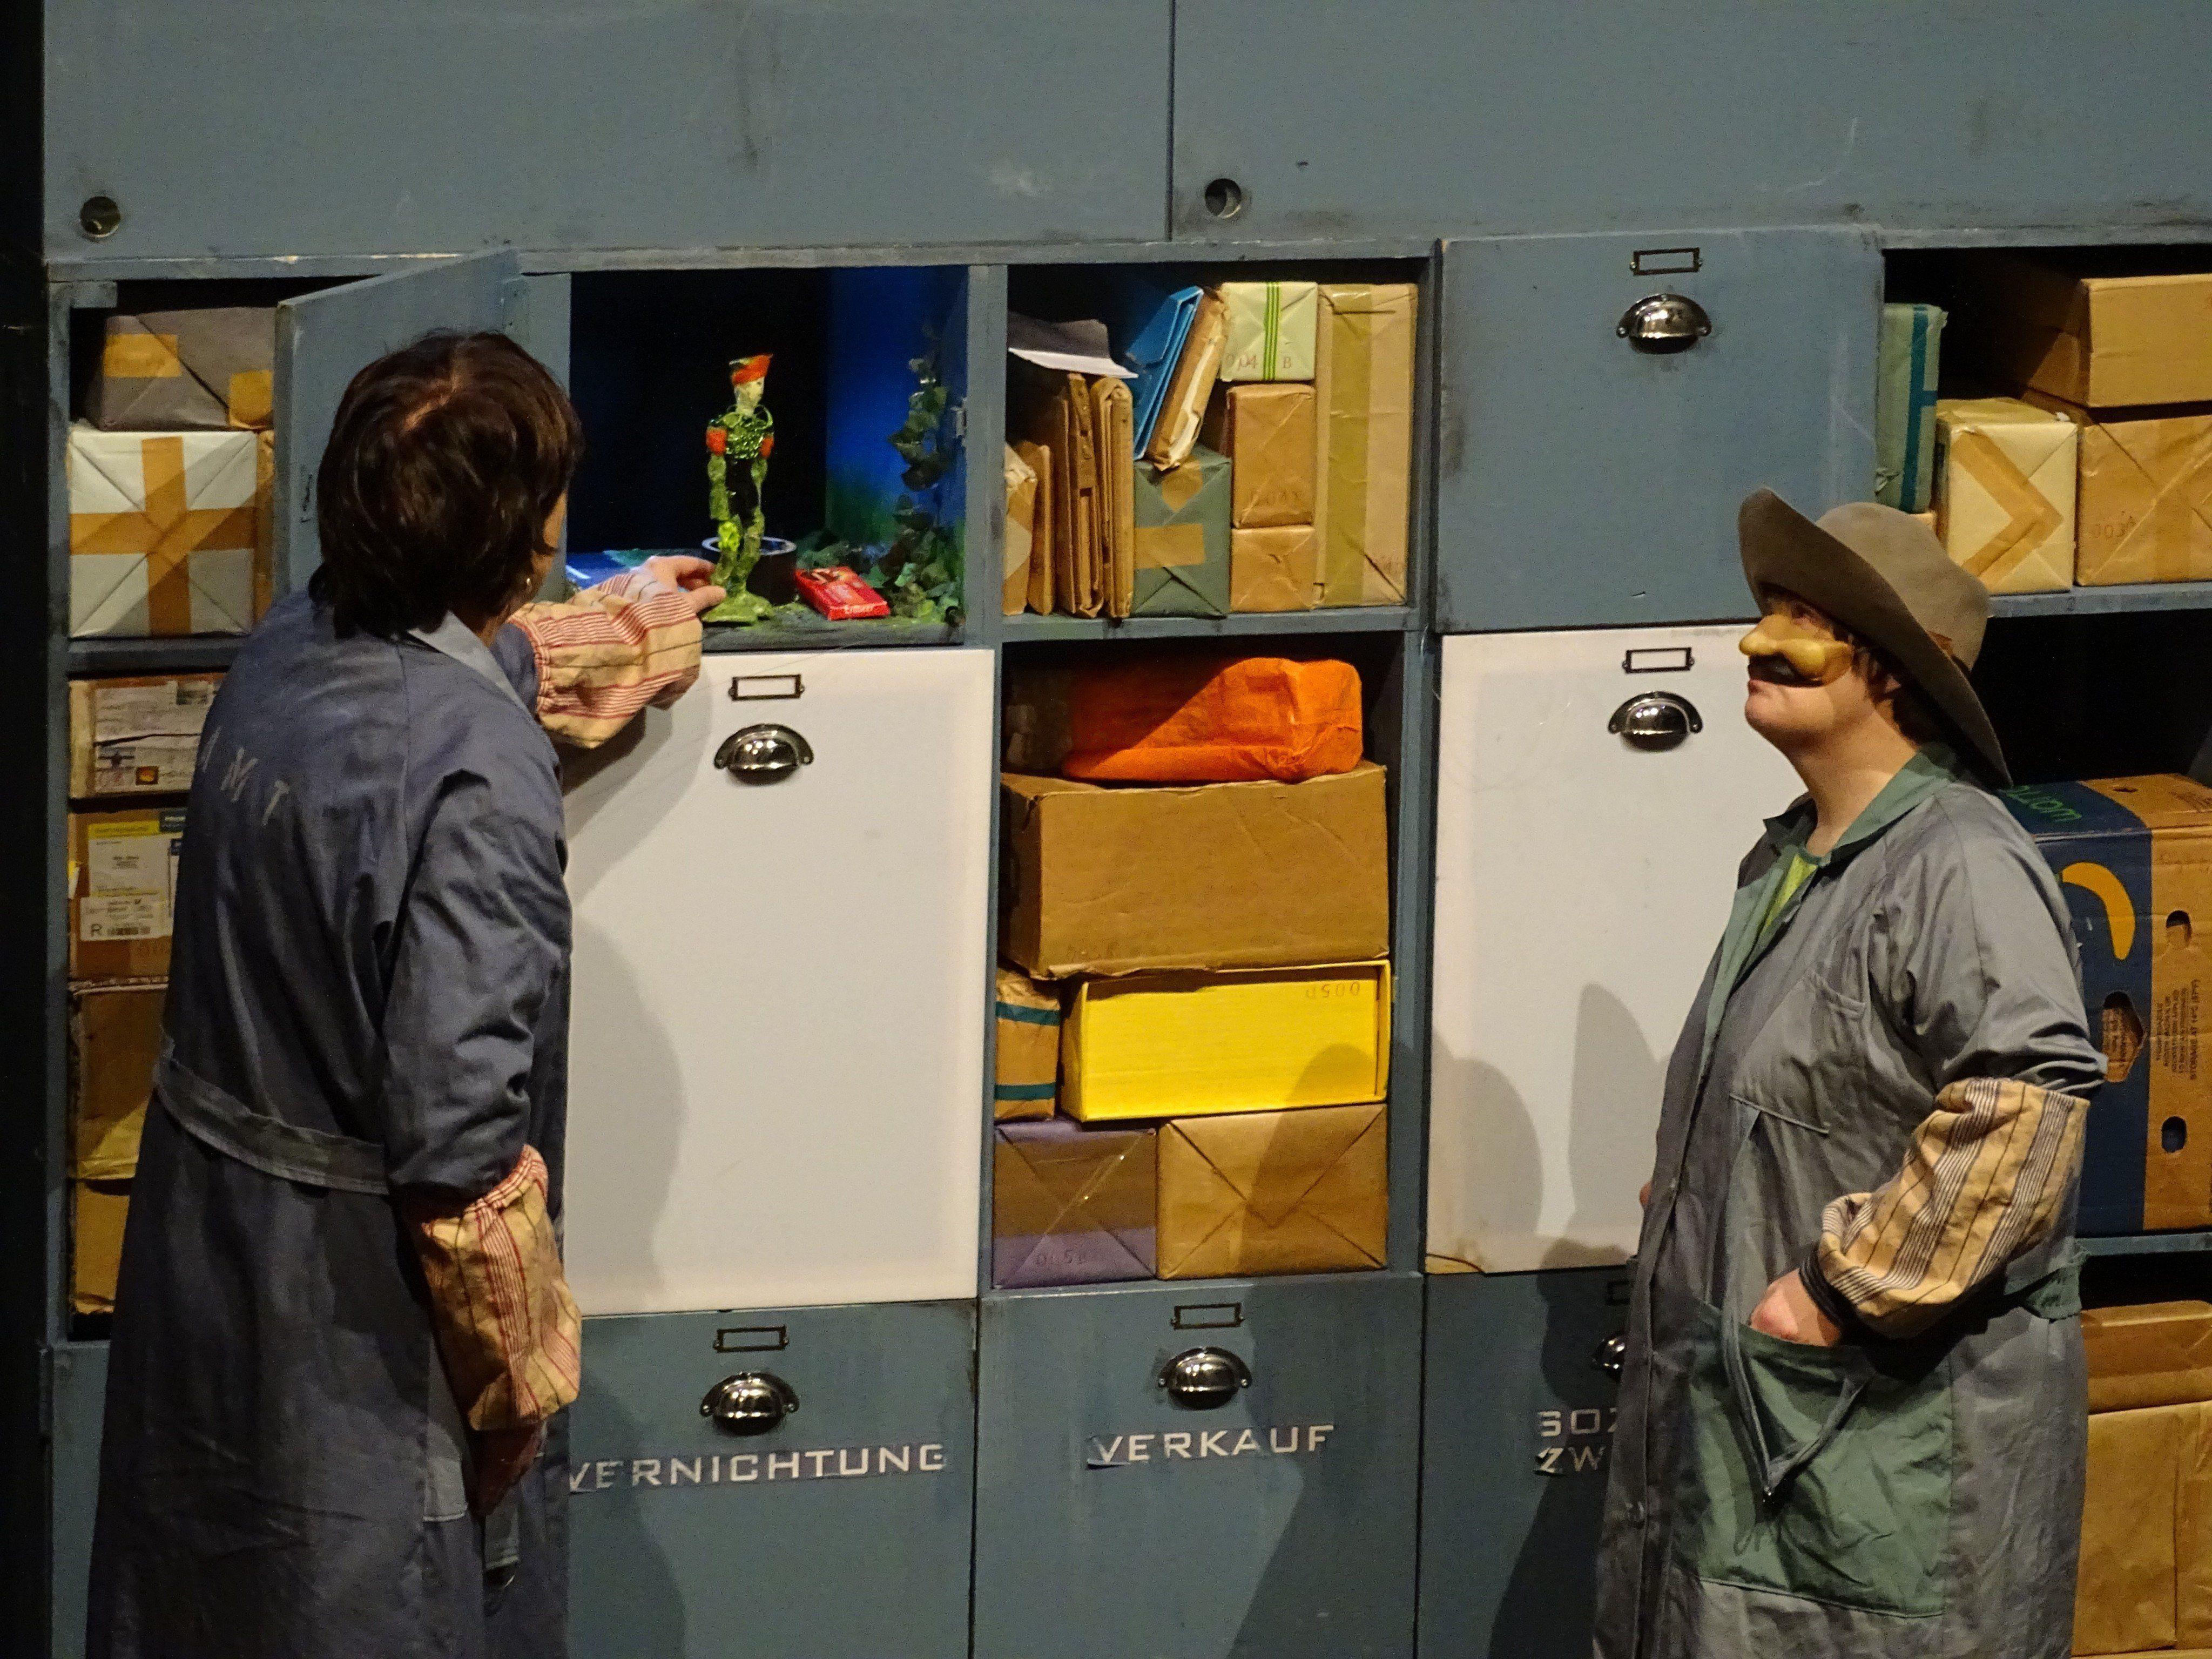 Zusammen mit dem alten Postschrank Otto tauchen Fräulein Rödel und Frau Birnbaum in die berührenden Geschichte des kleinen Sando ein.